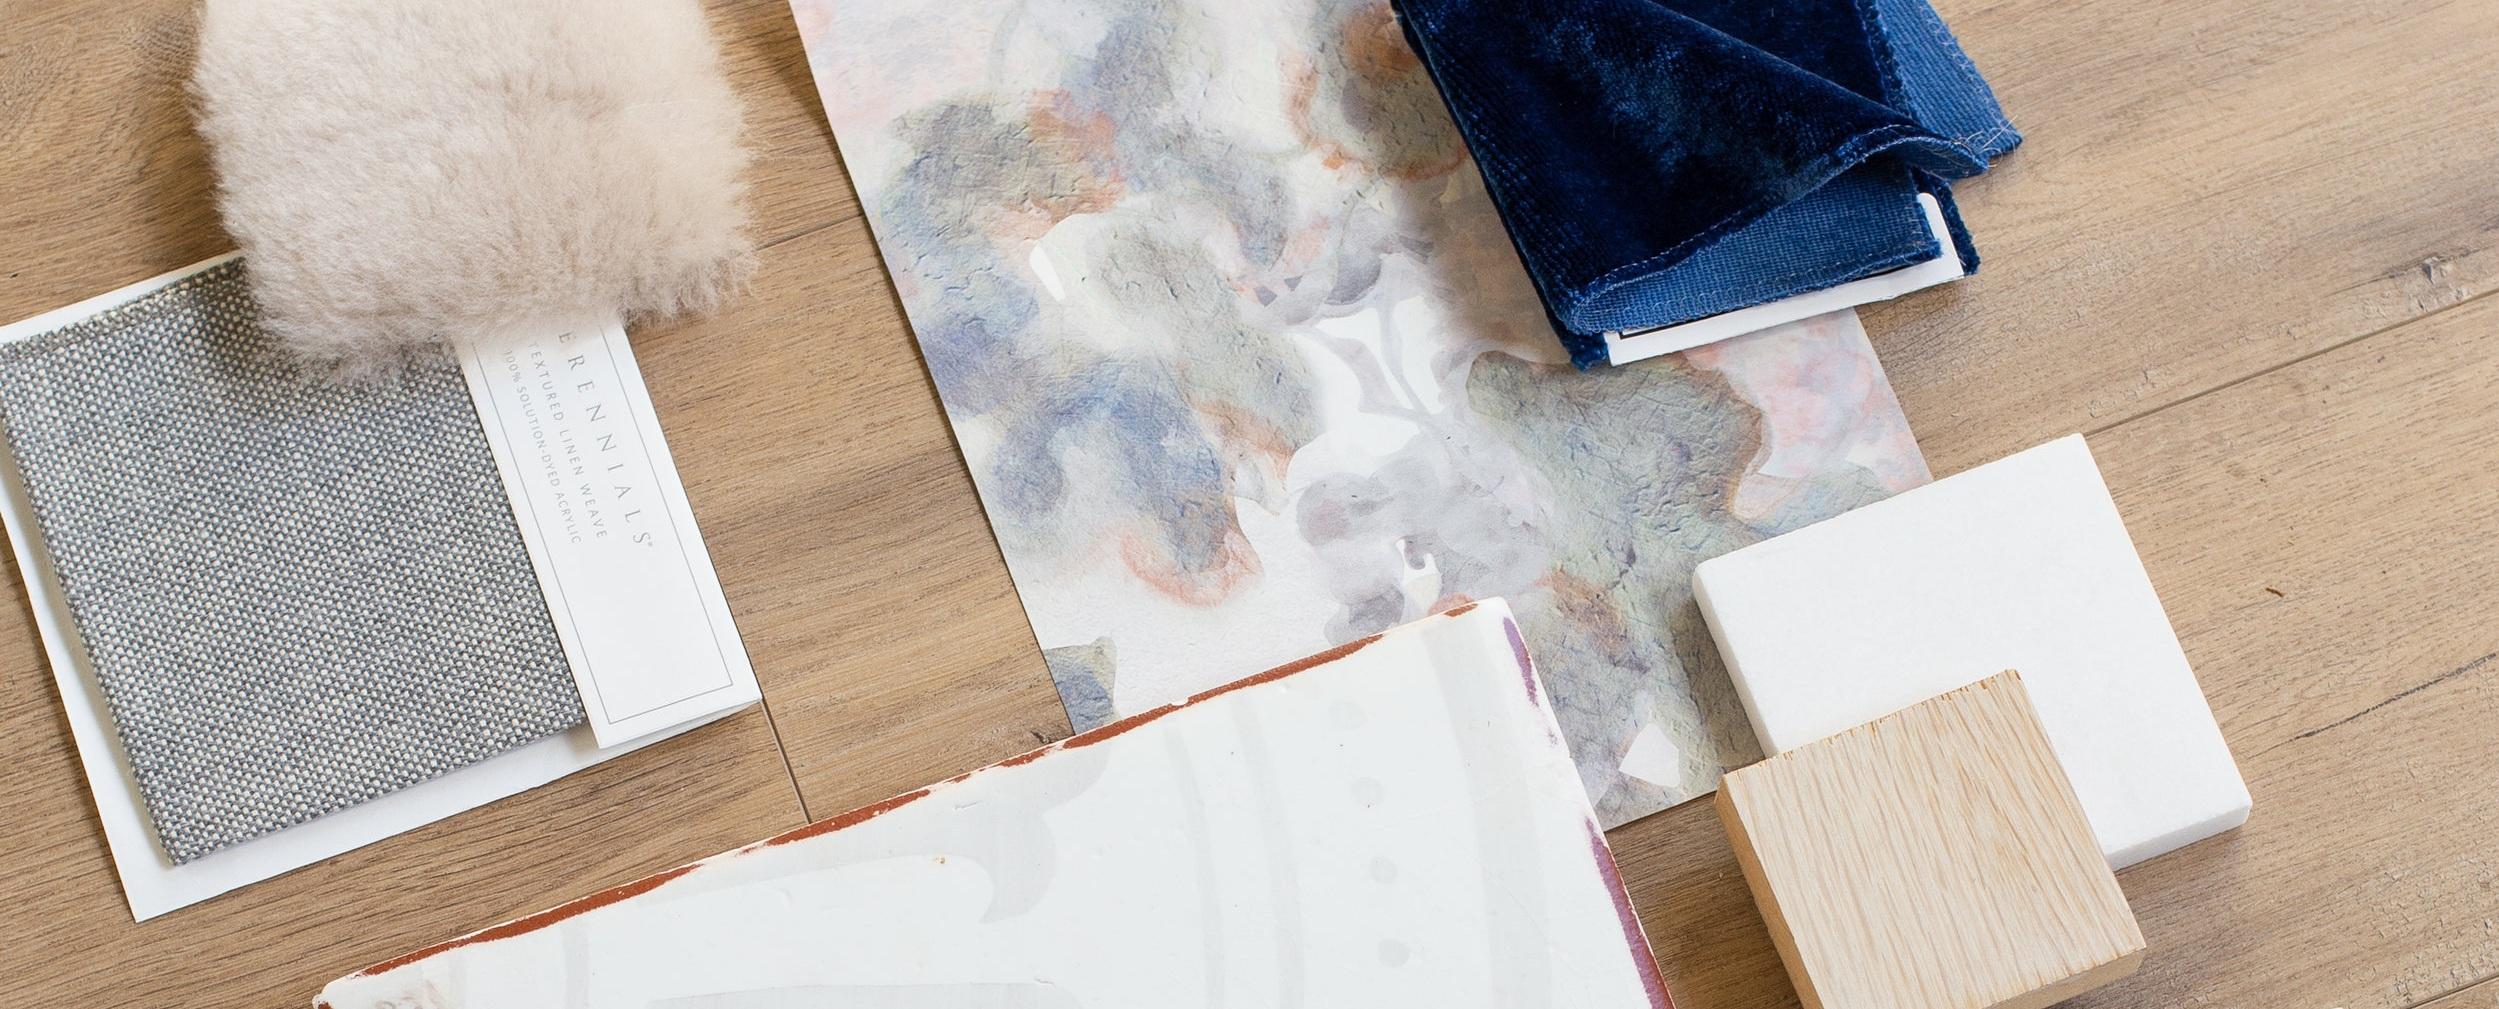 190423_Rockwell+Materials+LR_022.jpg